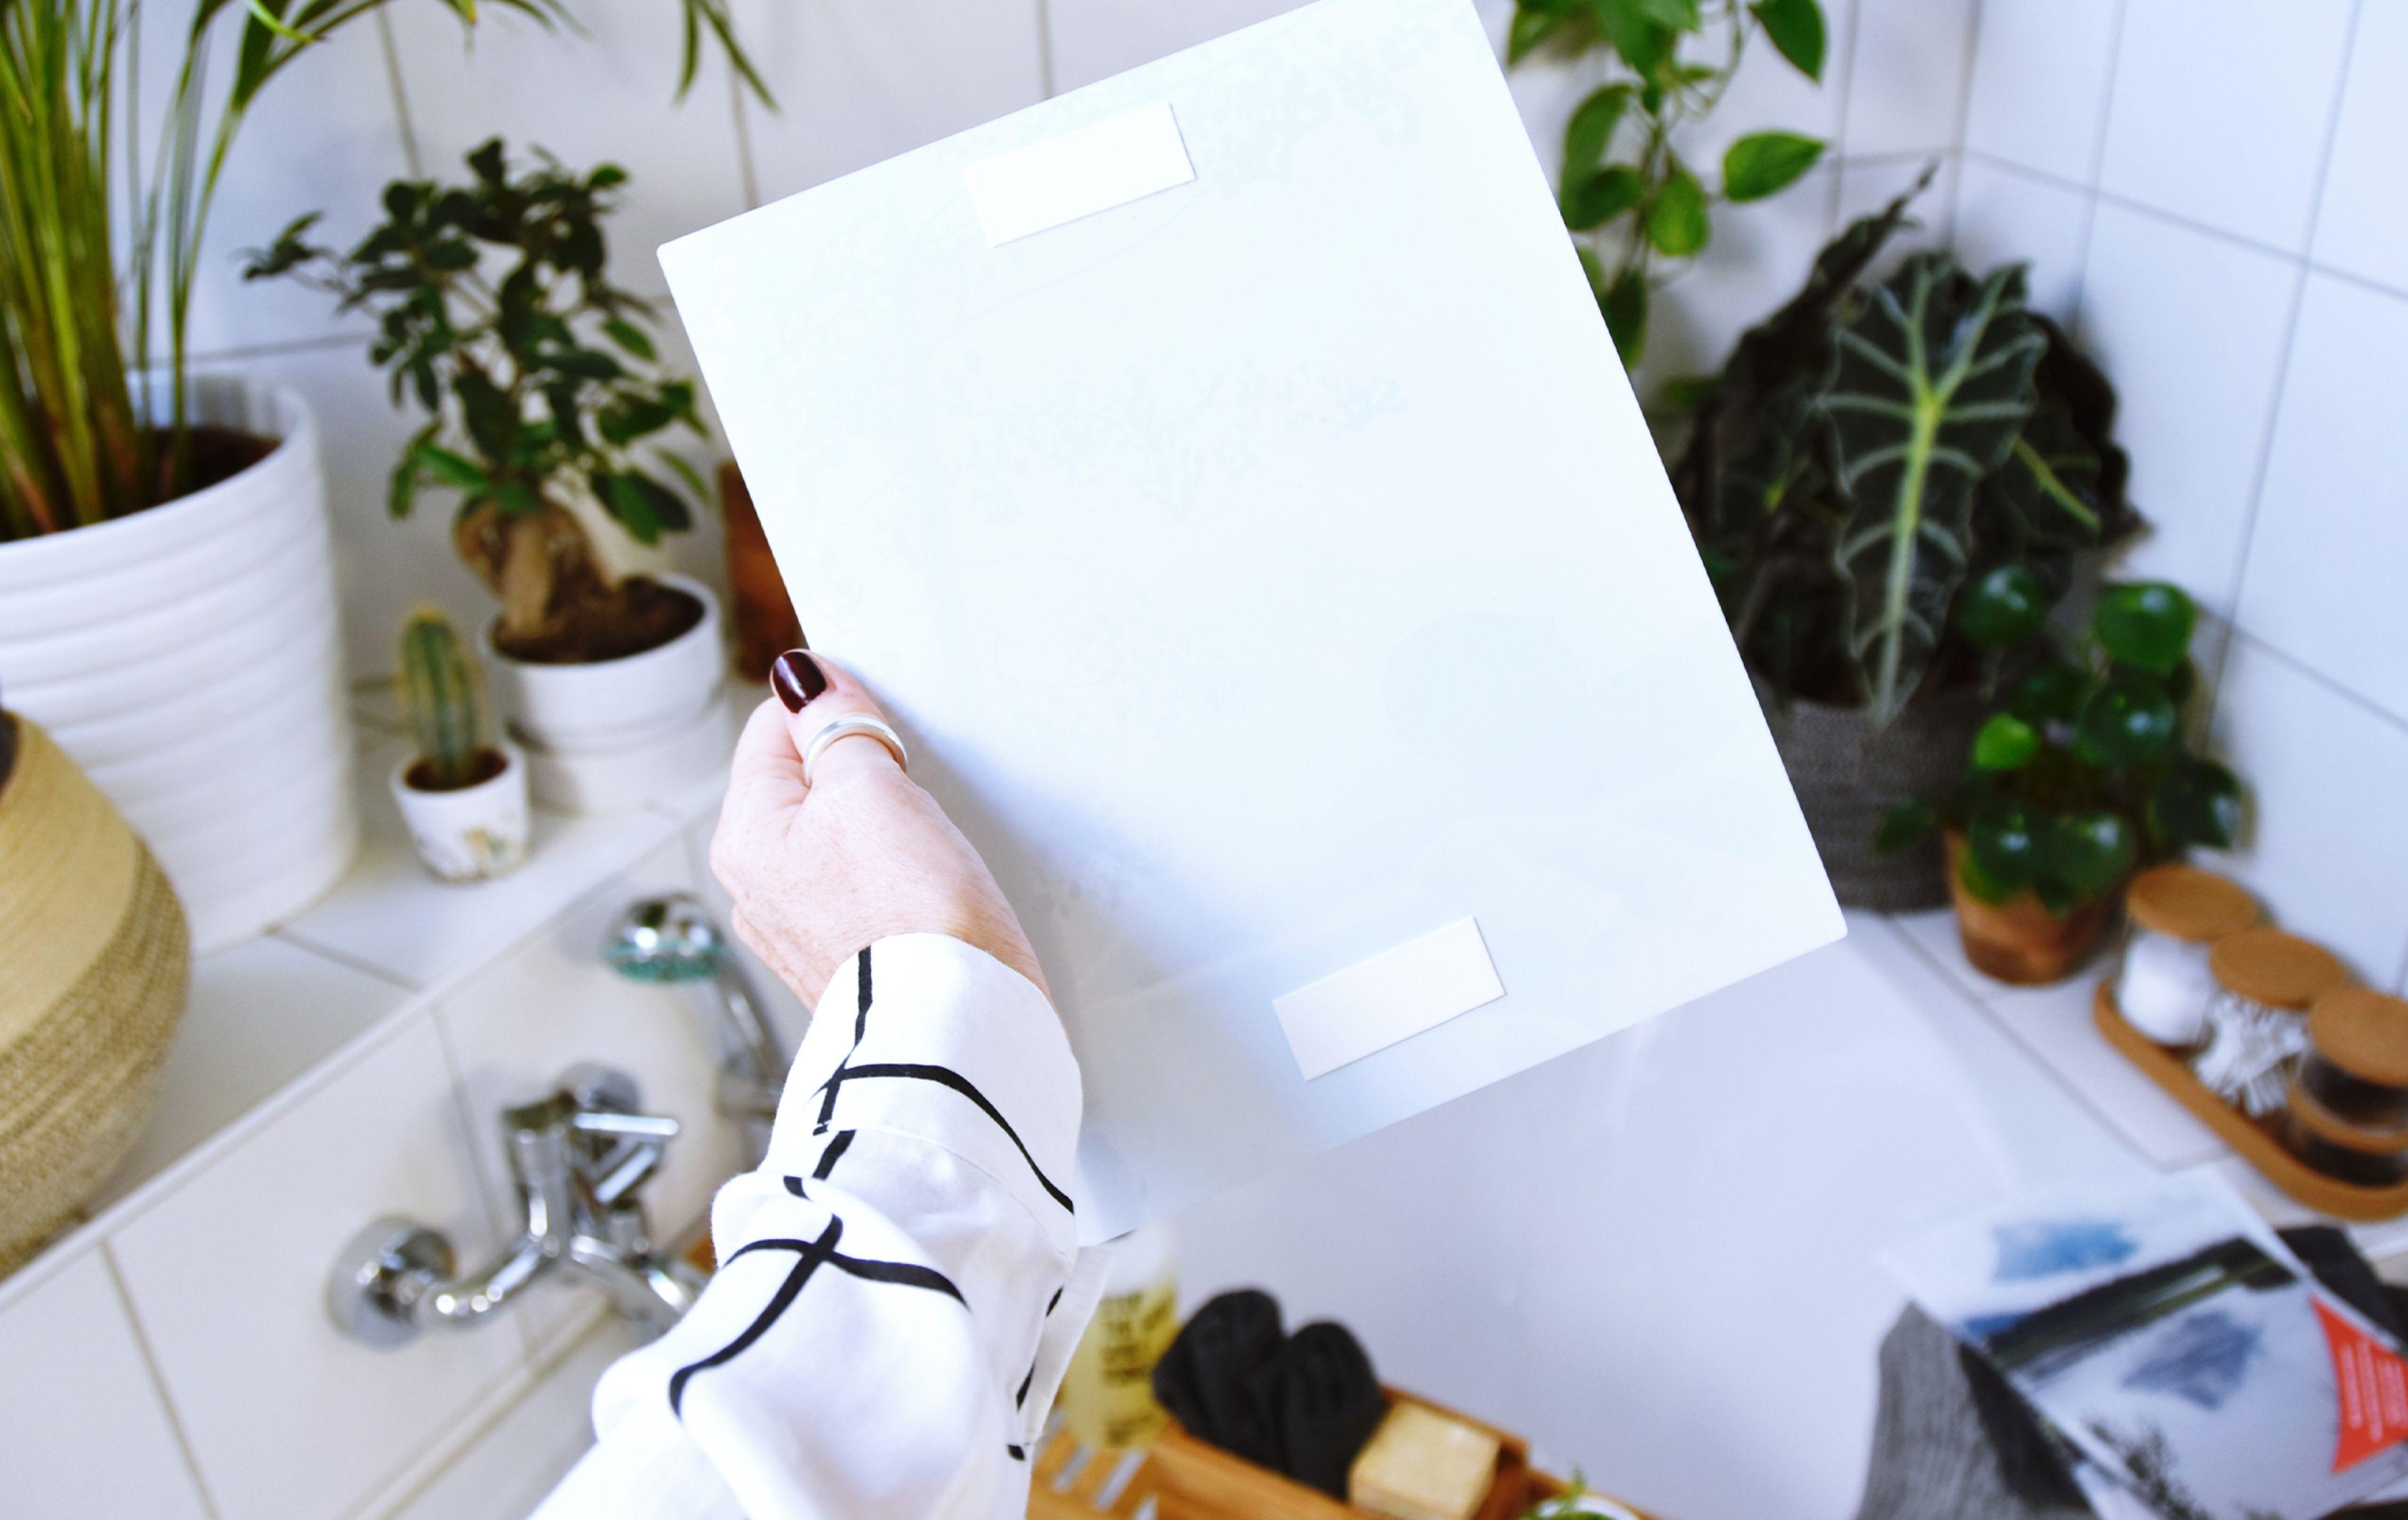 Persönliche Fotos machen Ihr Badezimmer zum Home Spa